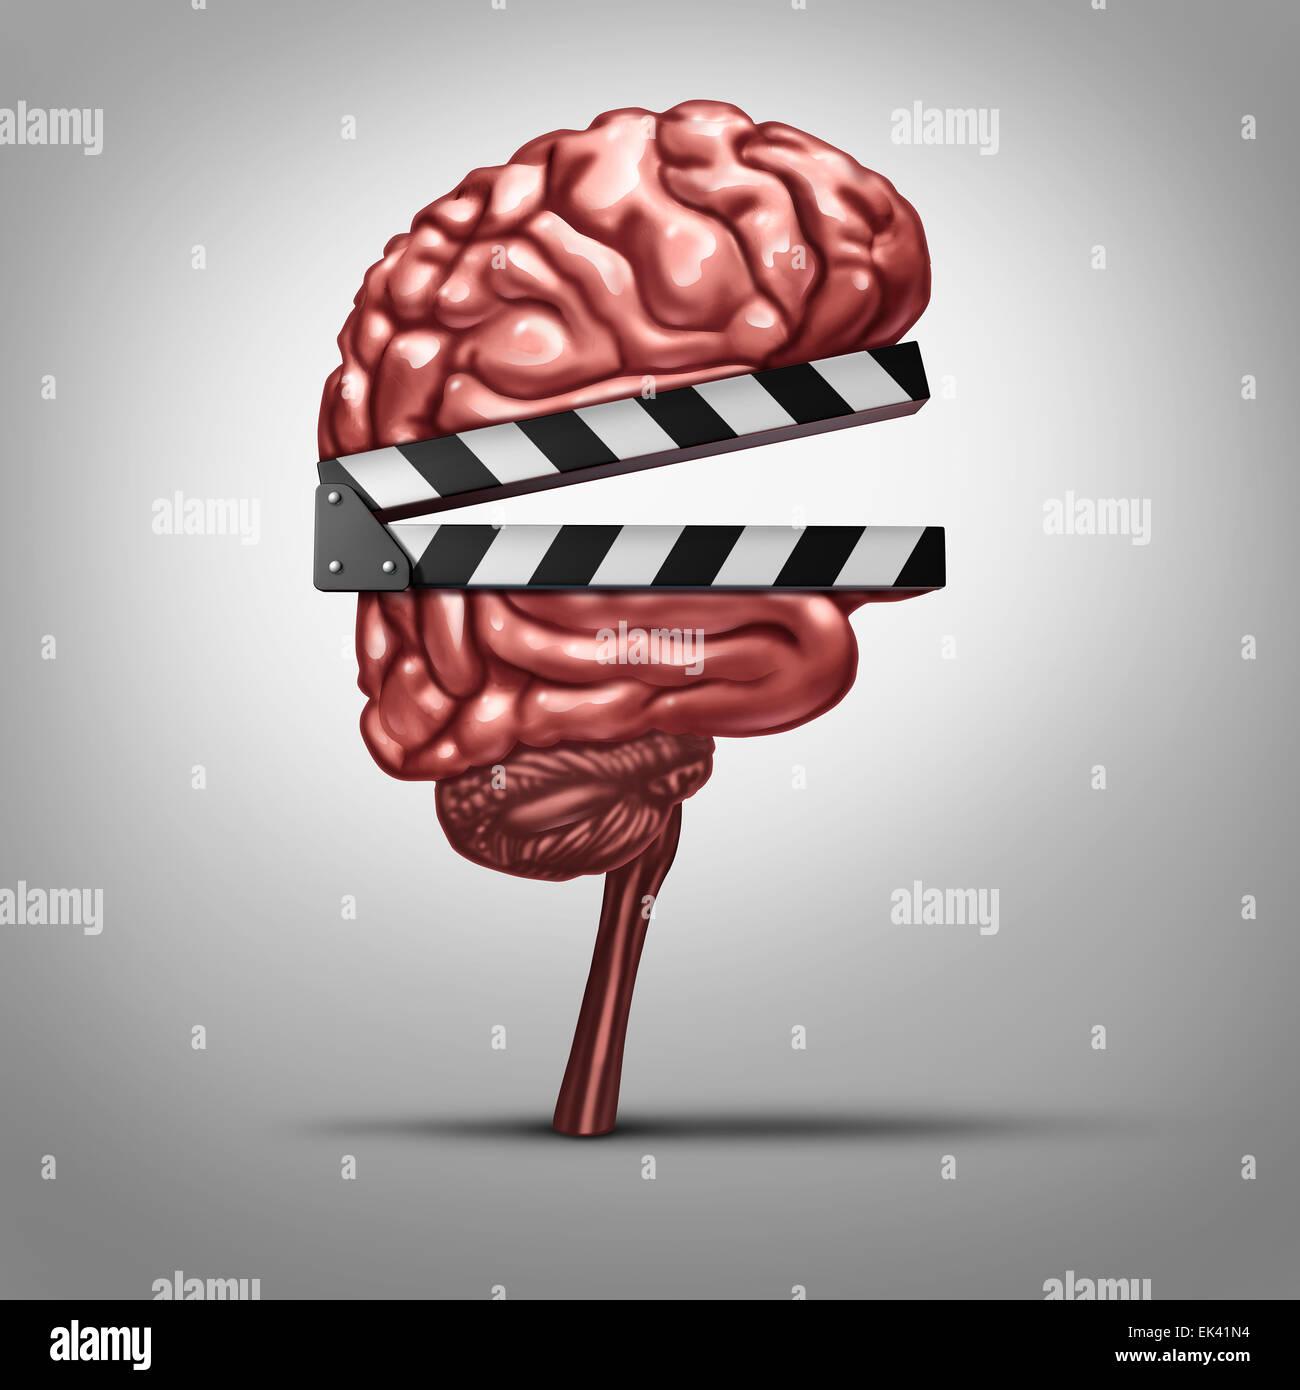 Aprendizaje y Educación video clips o instrucción en línea como tablillas formado como un cerebro Imagen De Stock